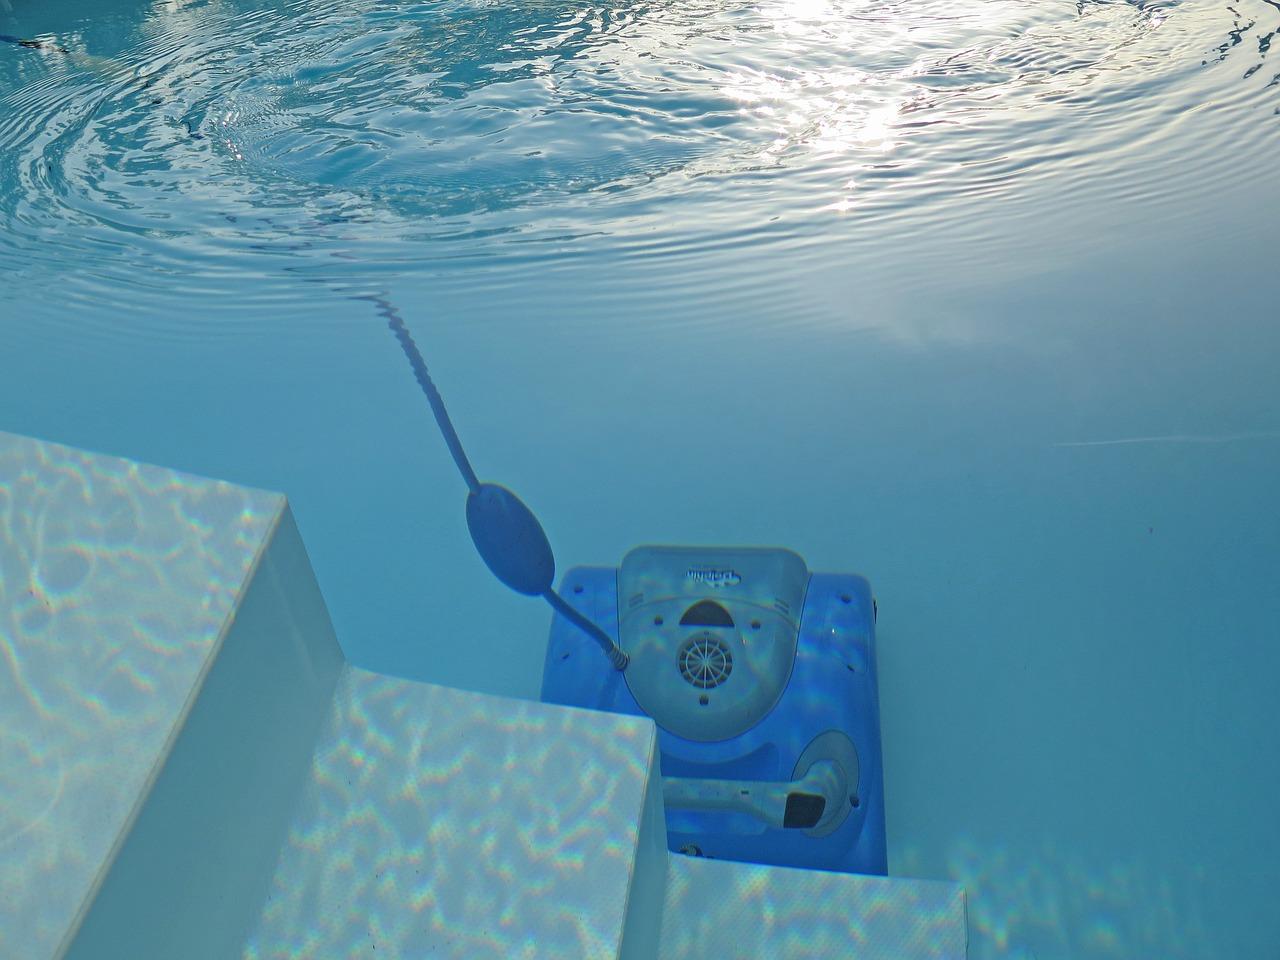 vysavač v bazénu